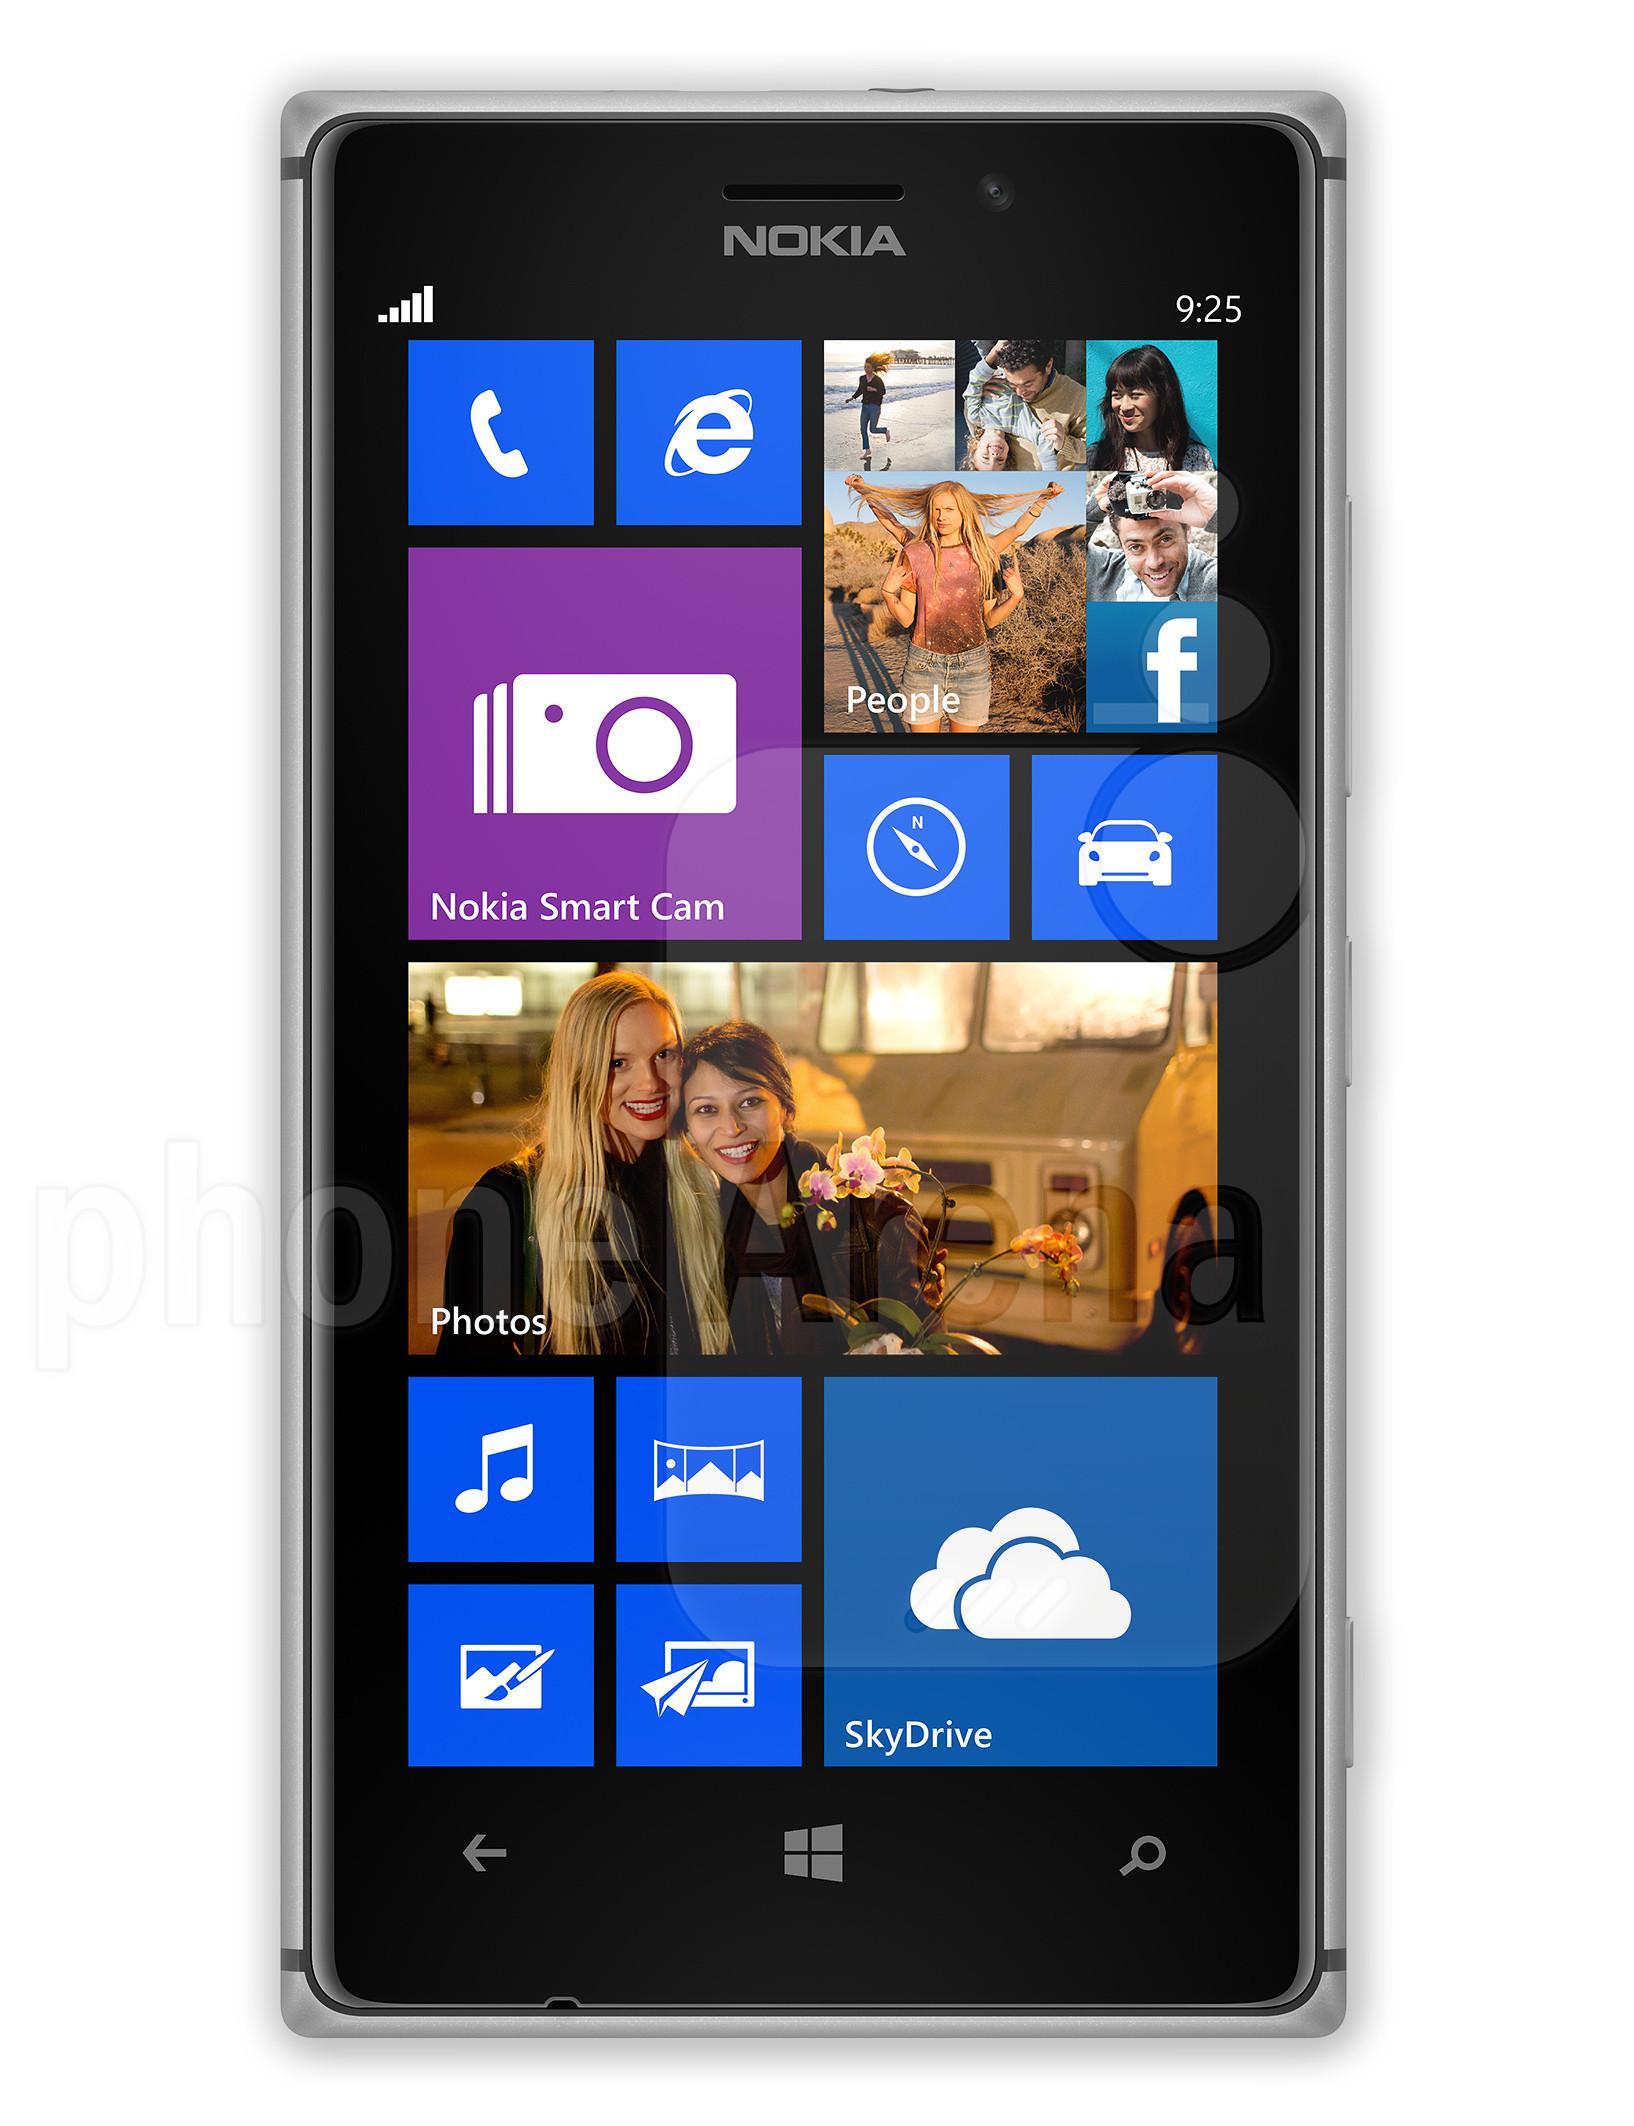 ��� ���� Nokia Lumia 925 - ������� Nokia Lumia 925